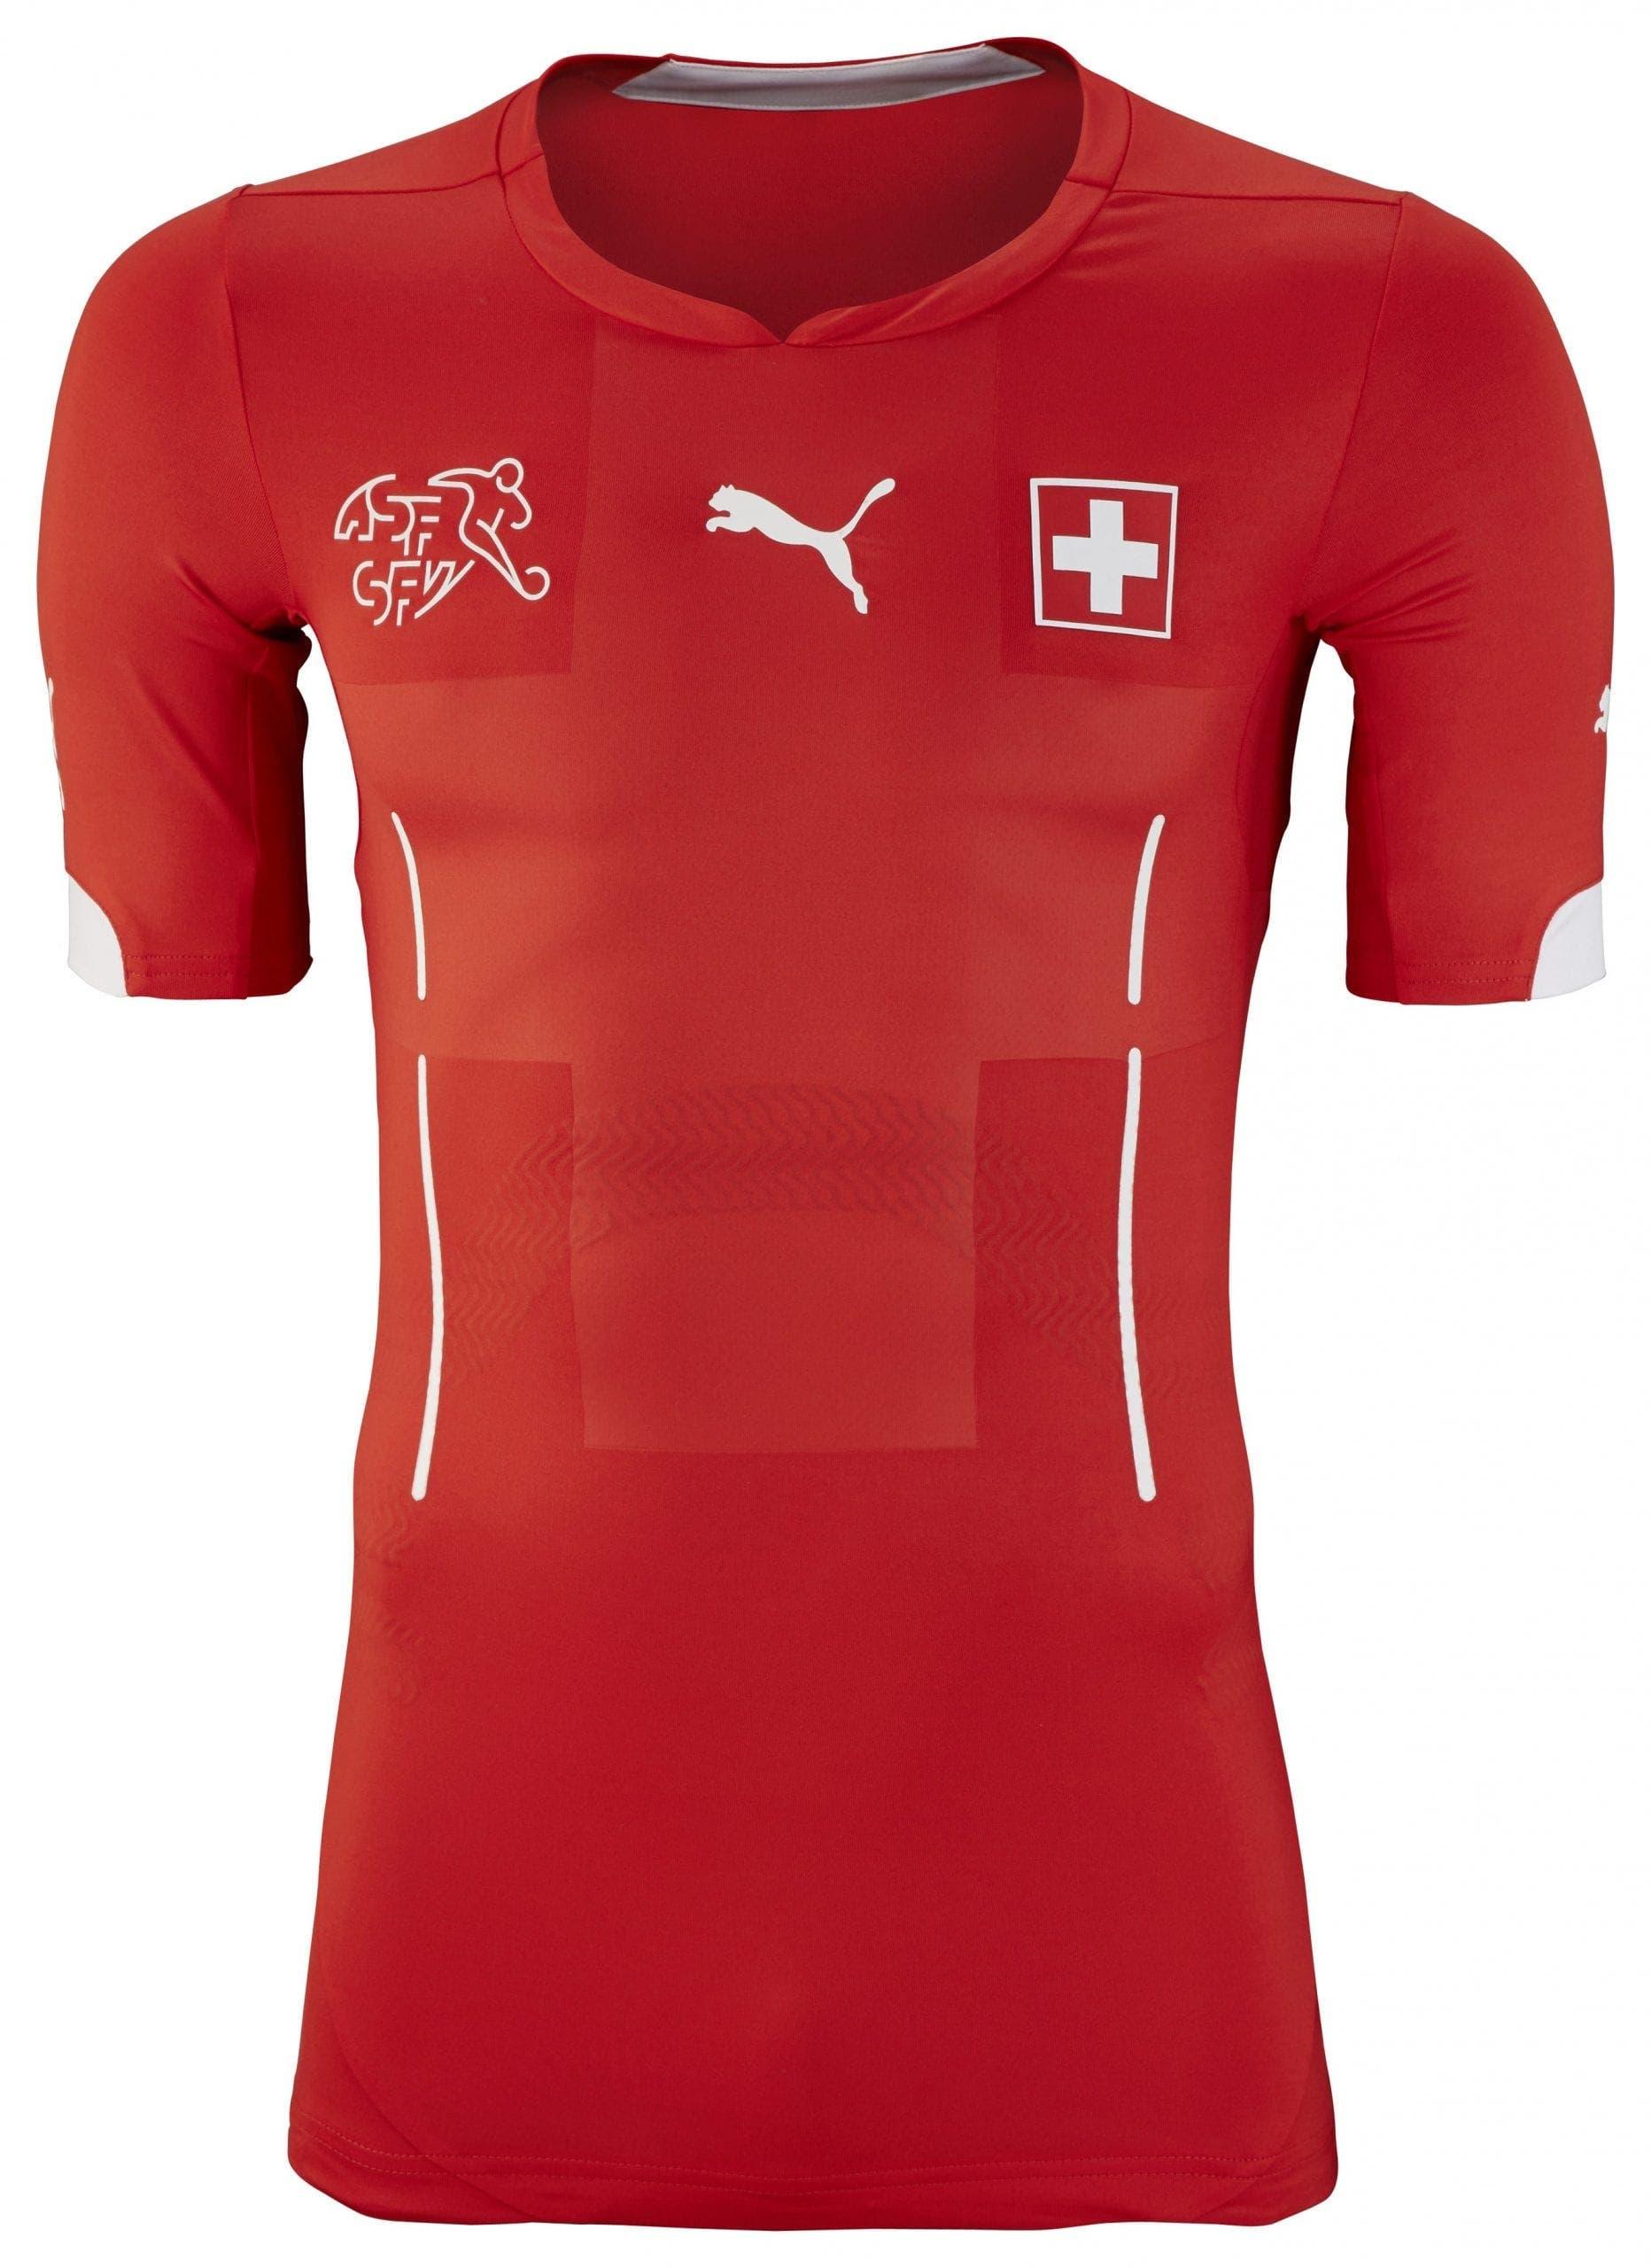 SS14 Switzerland Home Promo ACTV Shirt_701822_01